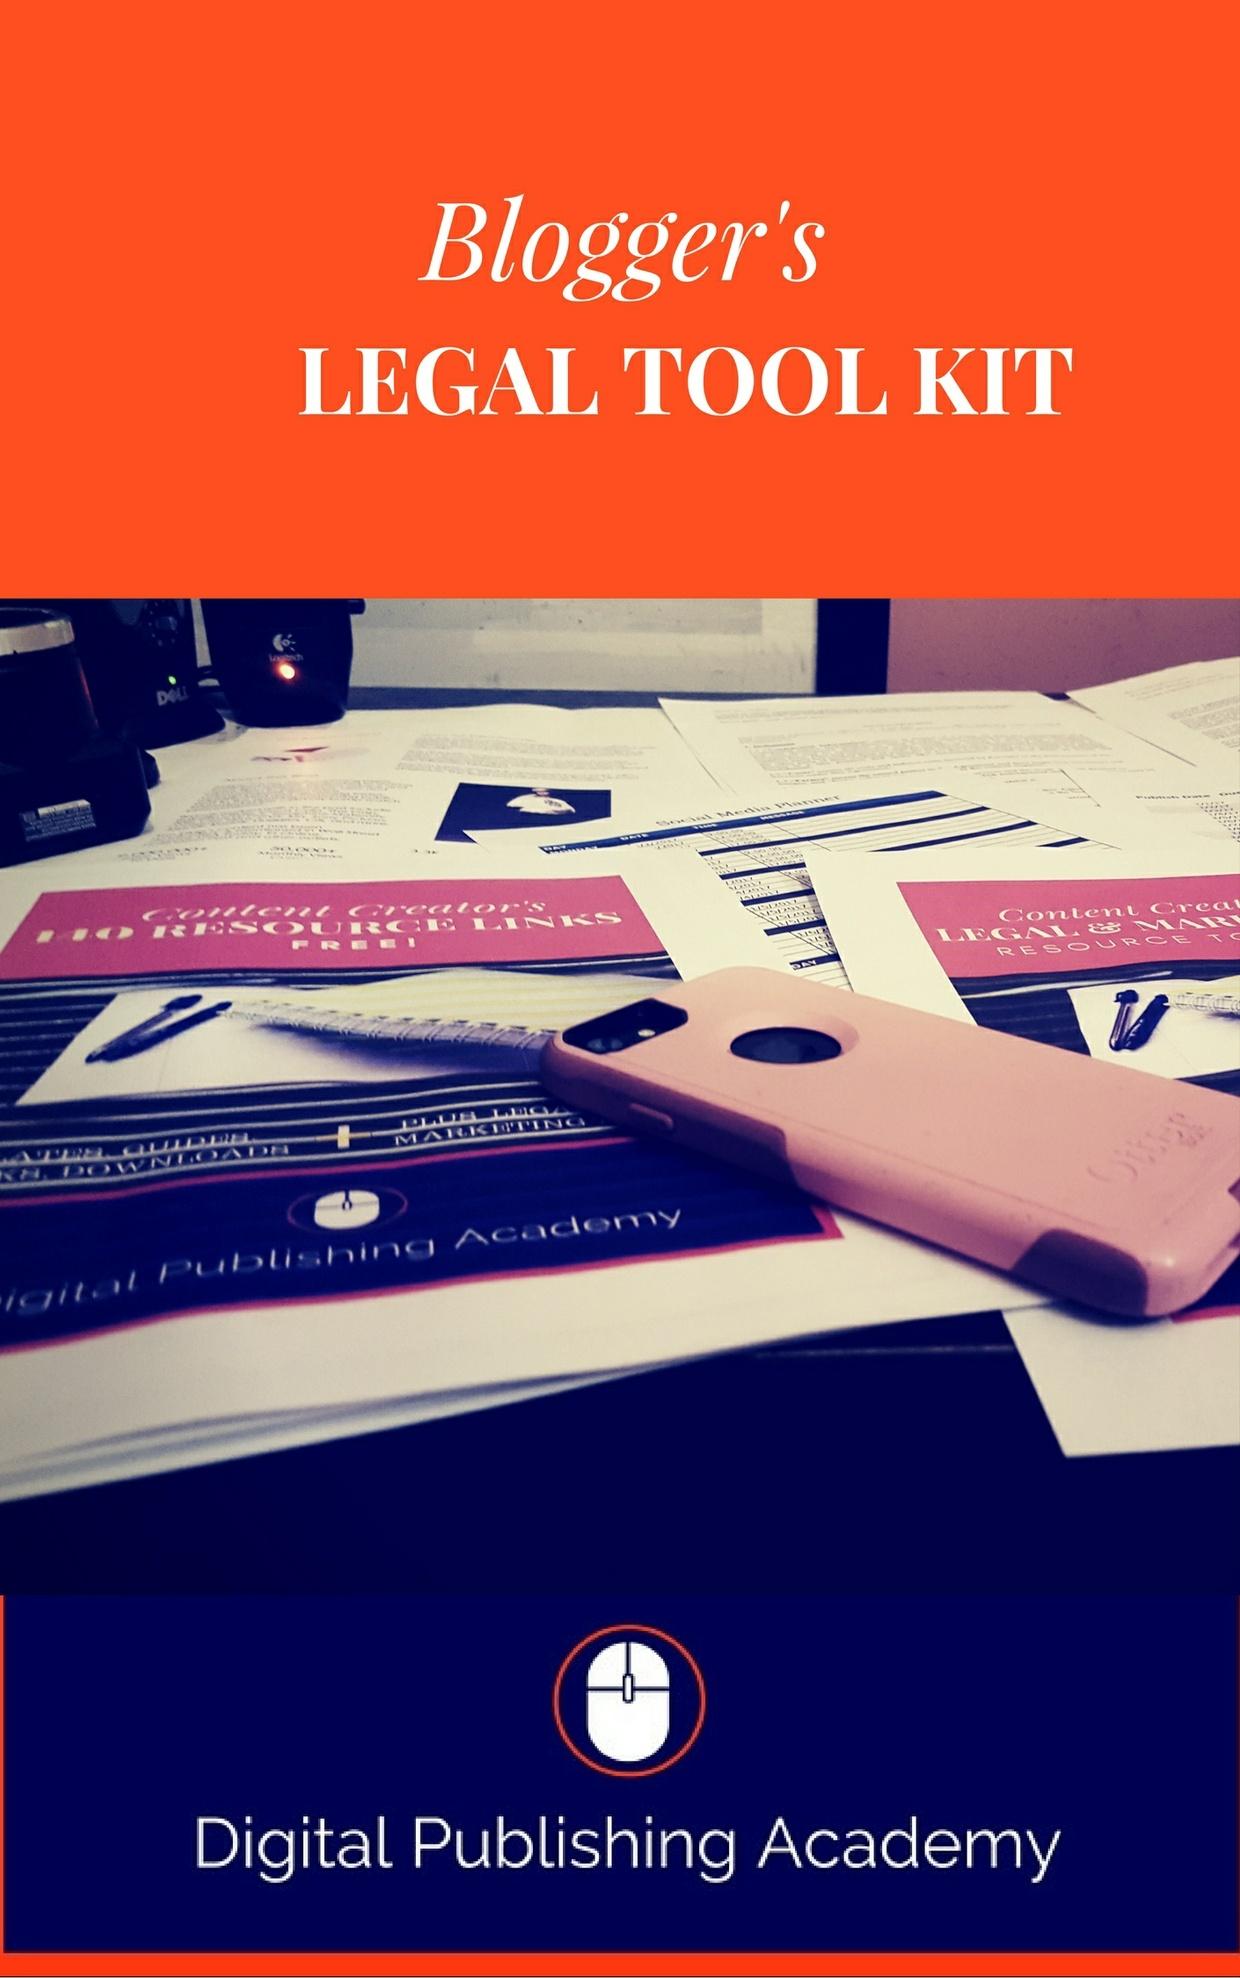 Bloggers' Legal Tool Kit